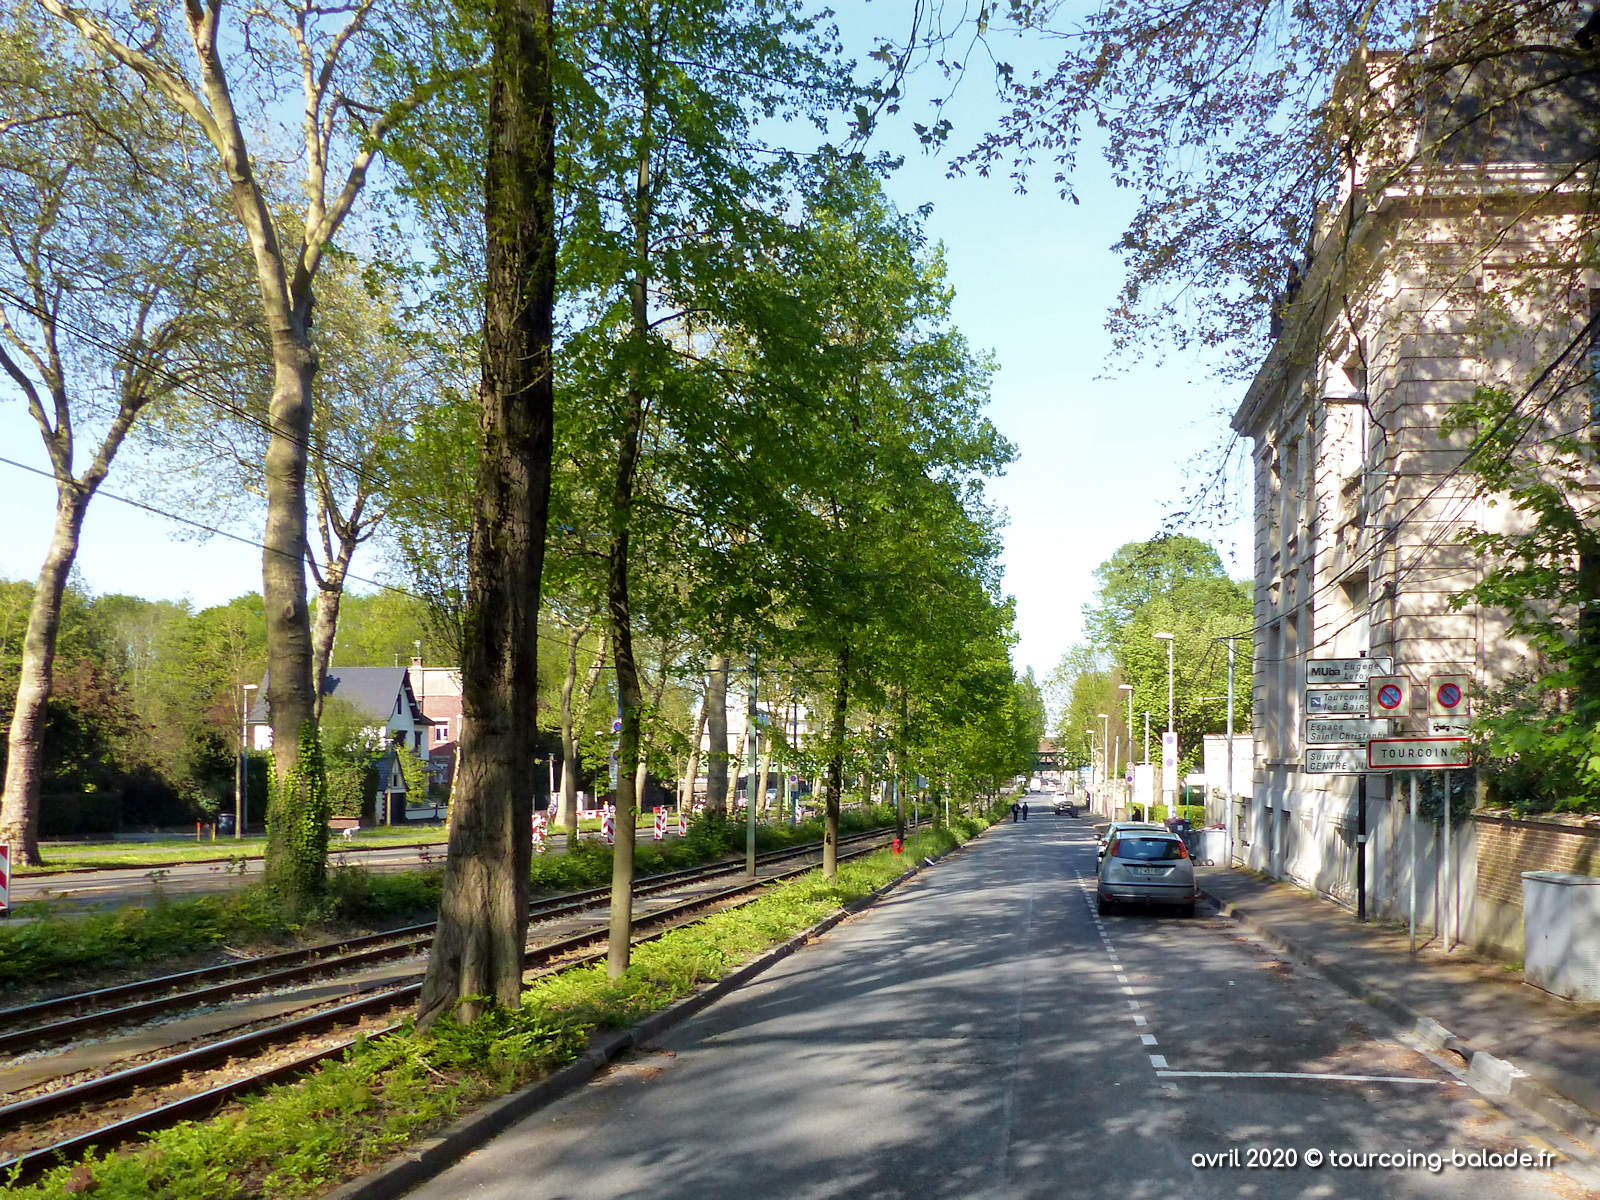 Avenue de la Marne, Tourcoing 2020